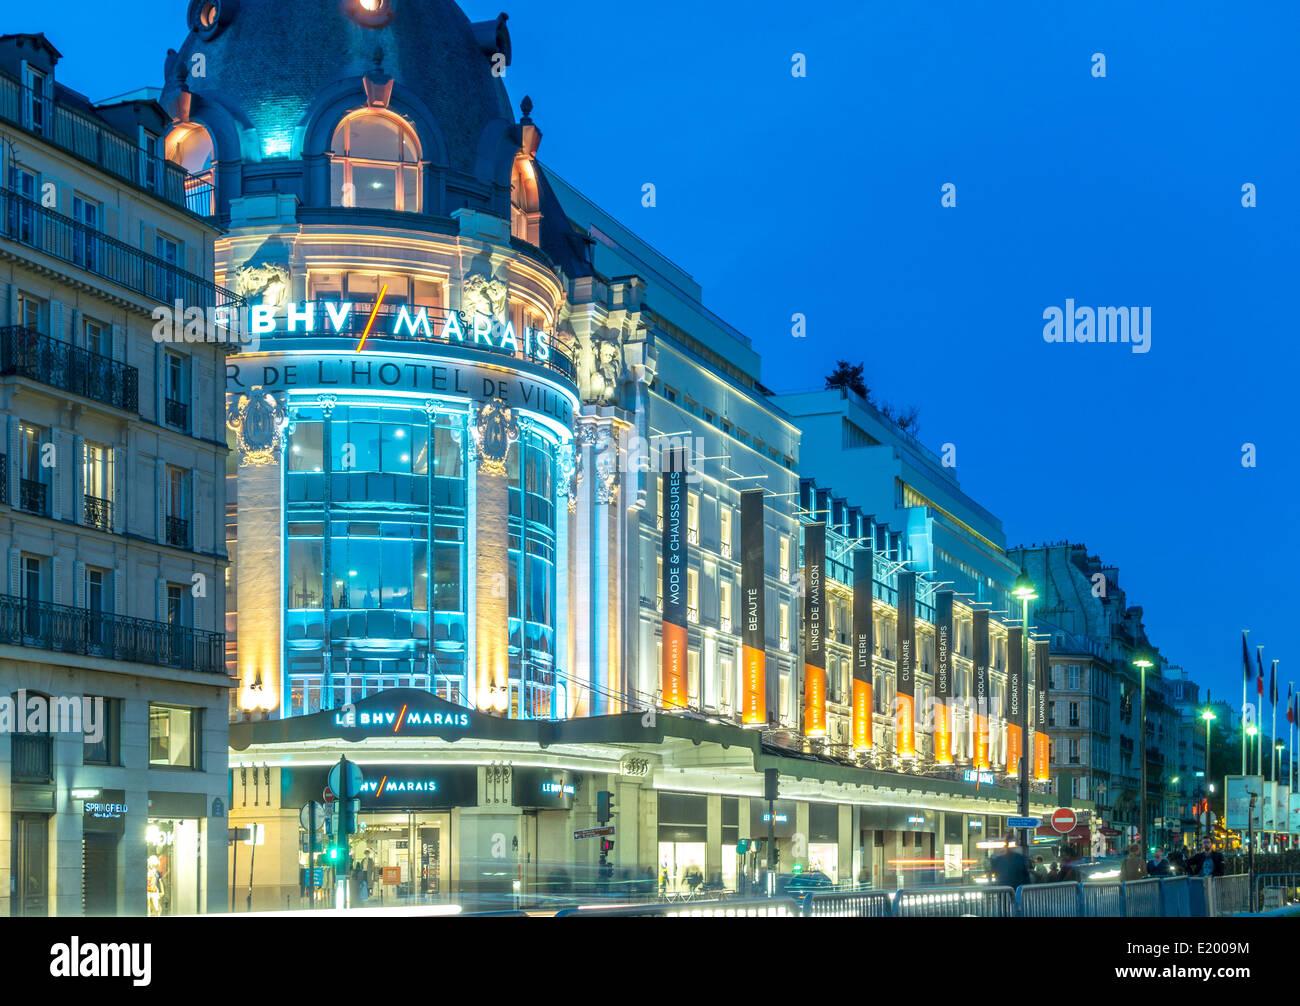 Paris, BHV Marais or Bazar de l'Hôtel de Ville. Department store on the Rue de Rivoli. - Stock Image